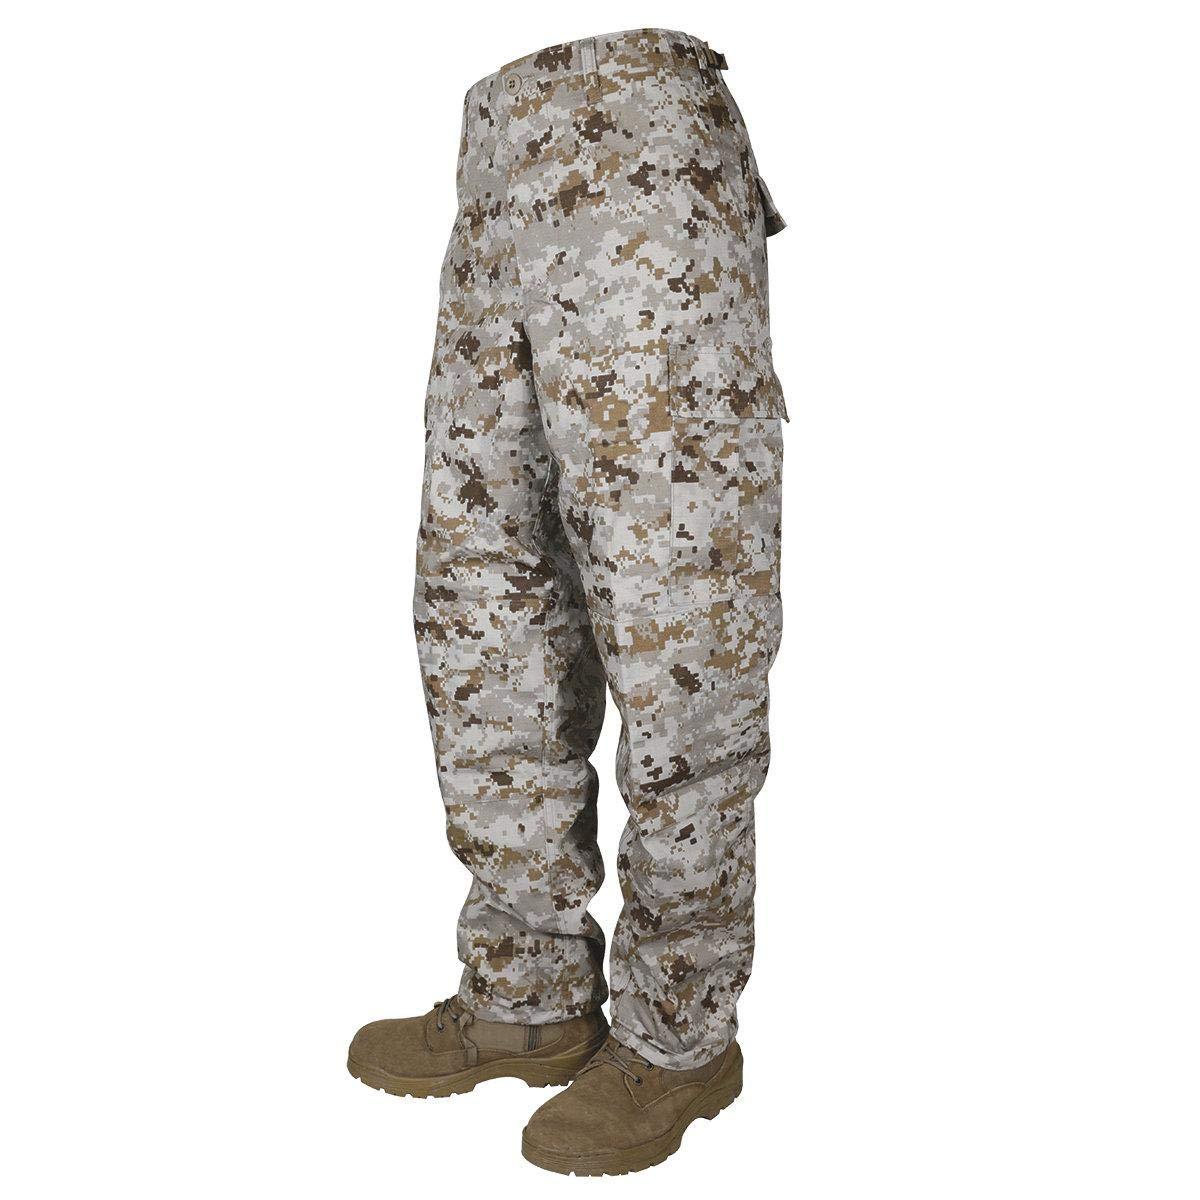 Tru-Spec 1371 Mens Tactical BDU Pants, Desert Digital Camo Altanco